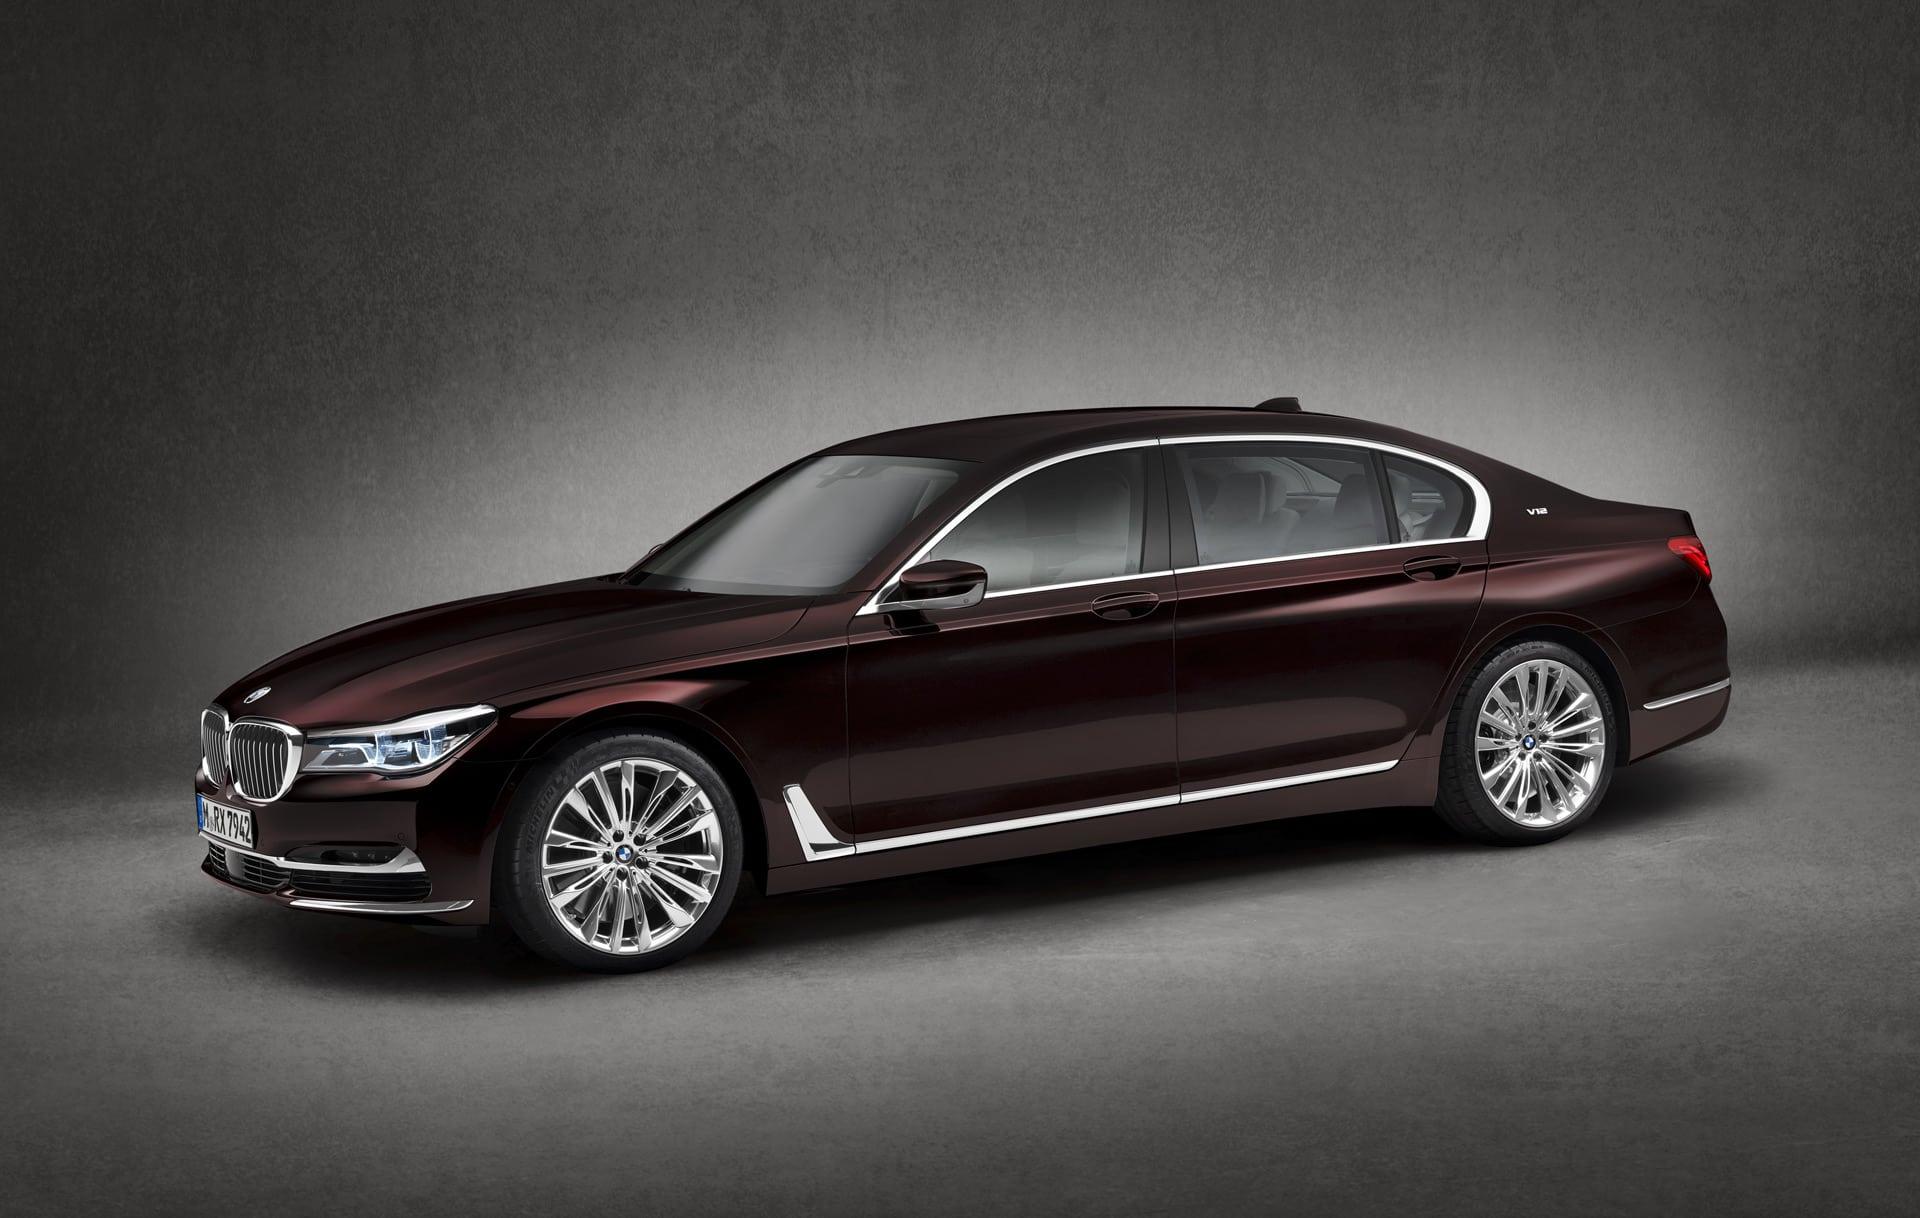 2020 BMW M760Li Price